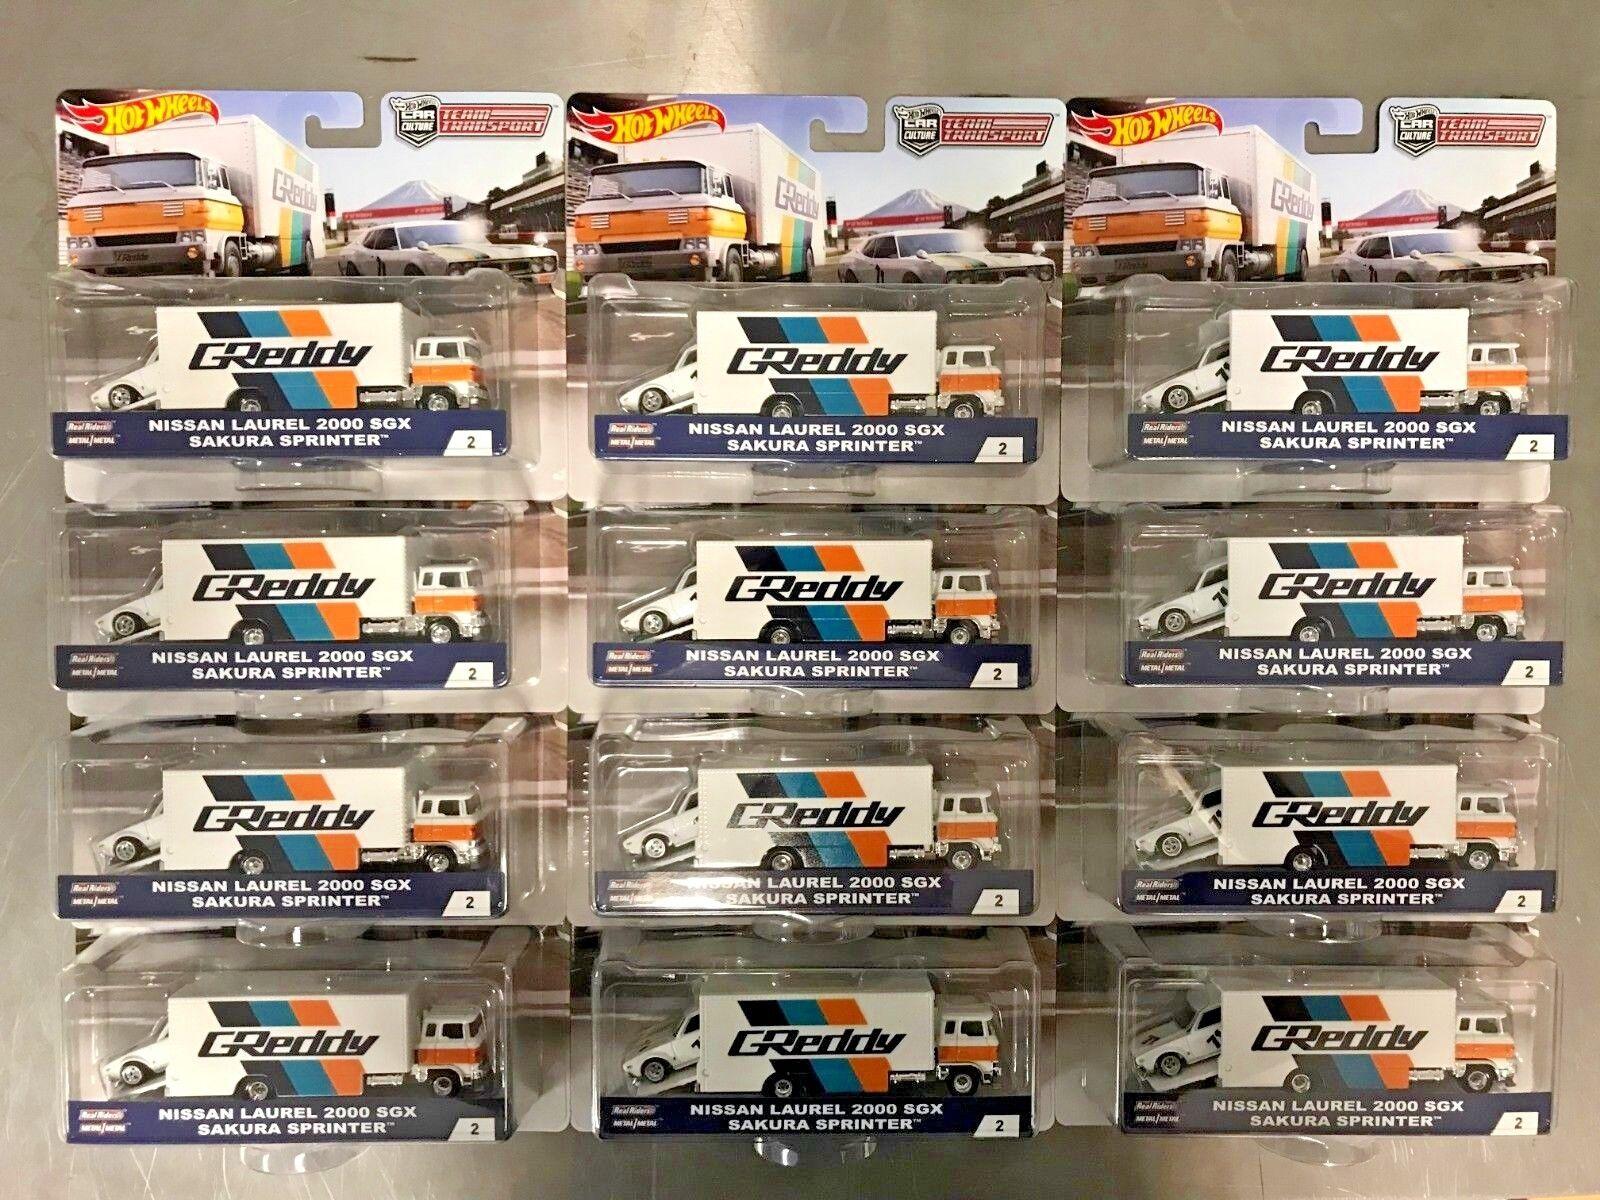 HOT WHEELS LOT OF 12 Team Transport Nissan Laurel 2000 SGX Sakura Sprinter Set